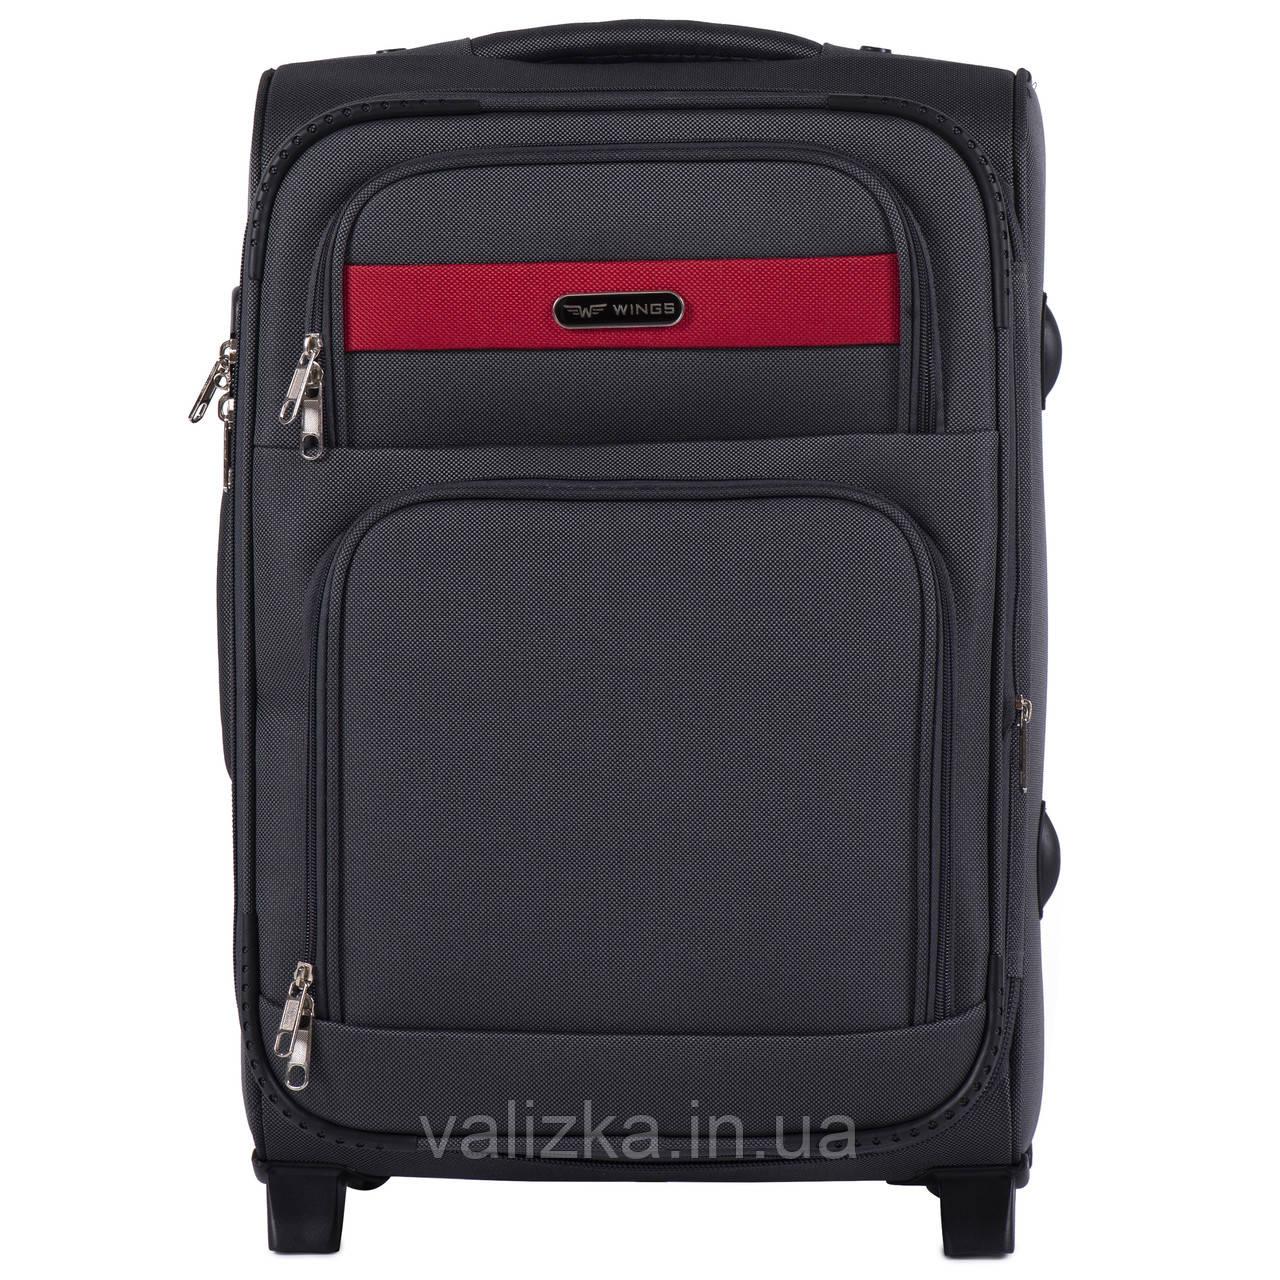 Малый текстильный чемодан темно-серый с расширителем Wings 1605